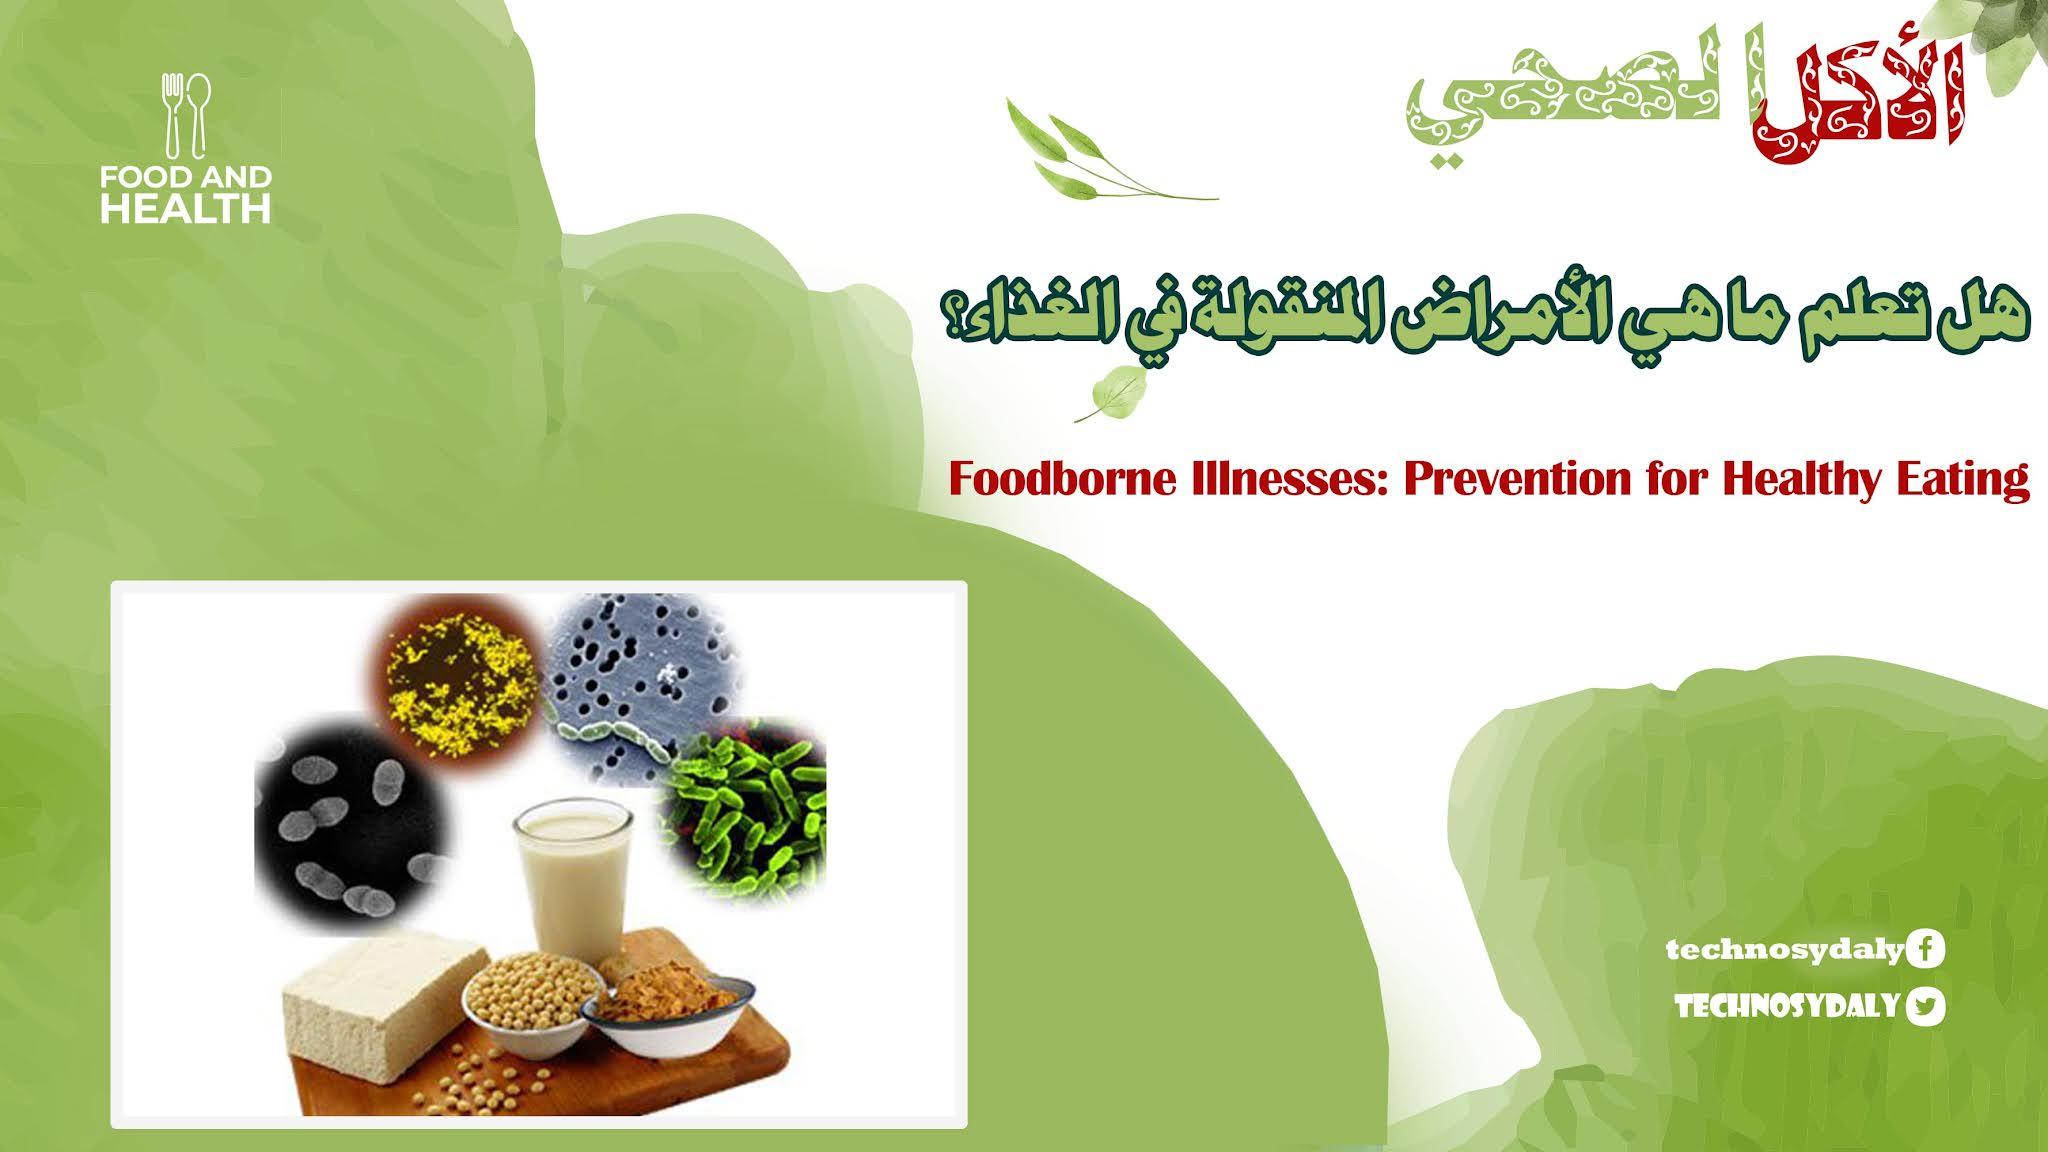 هل تعلم ما هي الأمراض المنقولة في الغذاء؟Foodborne Illnesses-Prevention for Healthy Eating